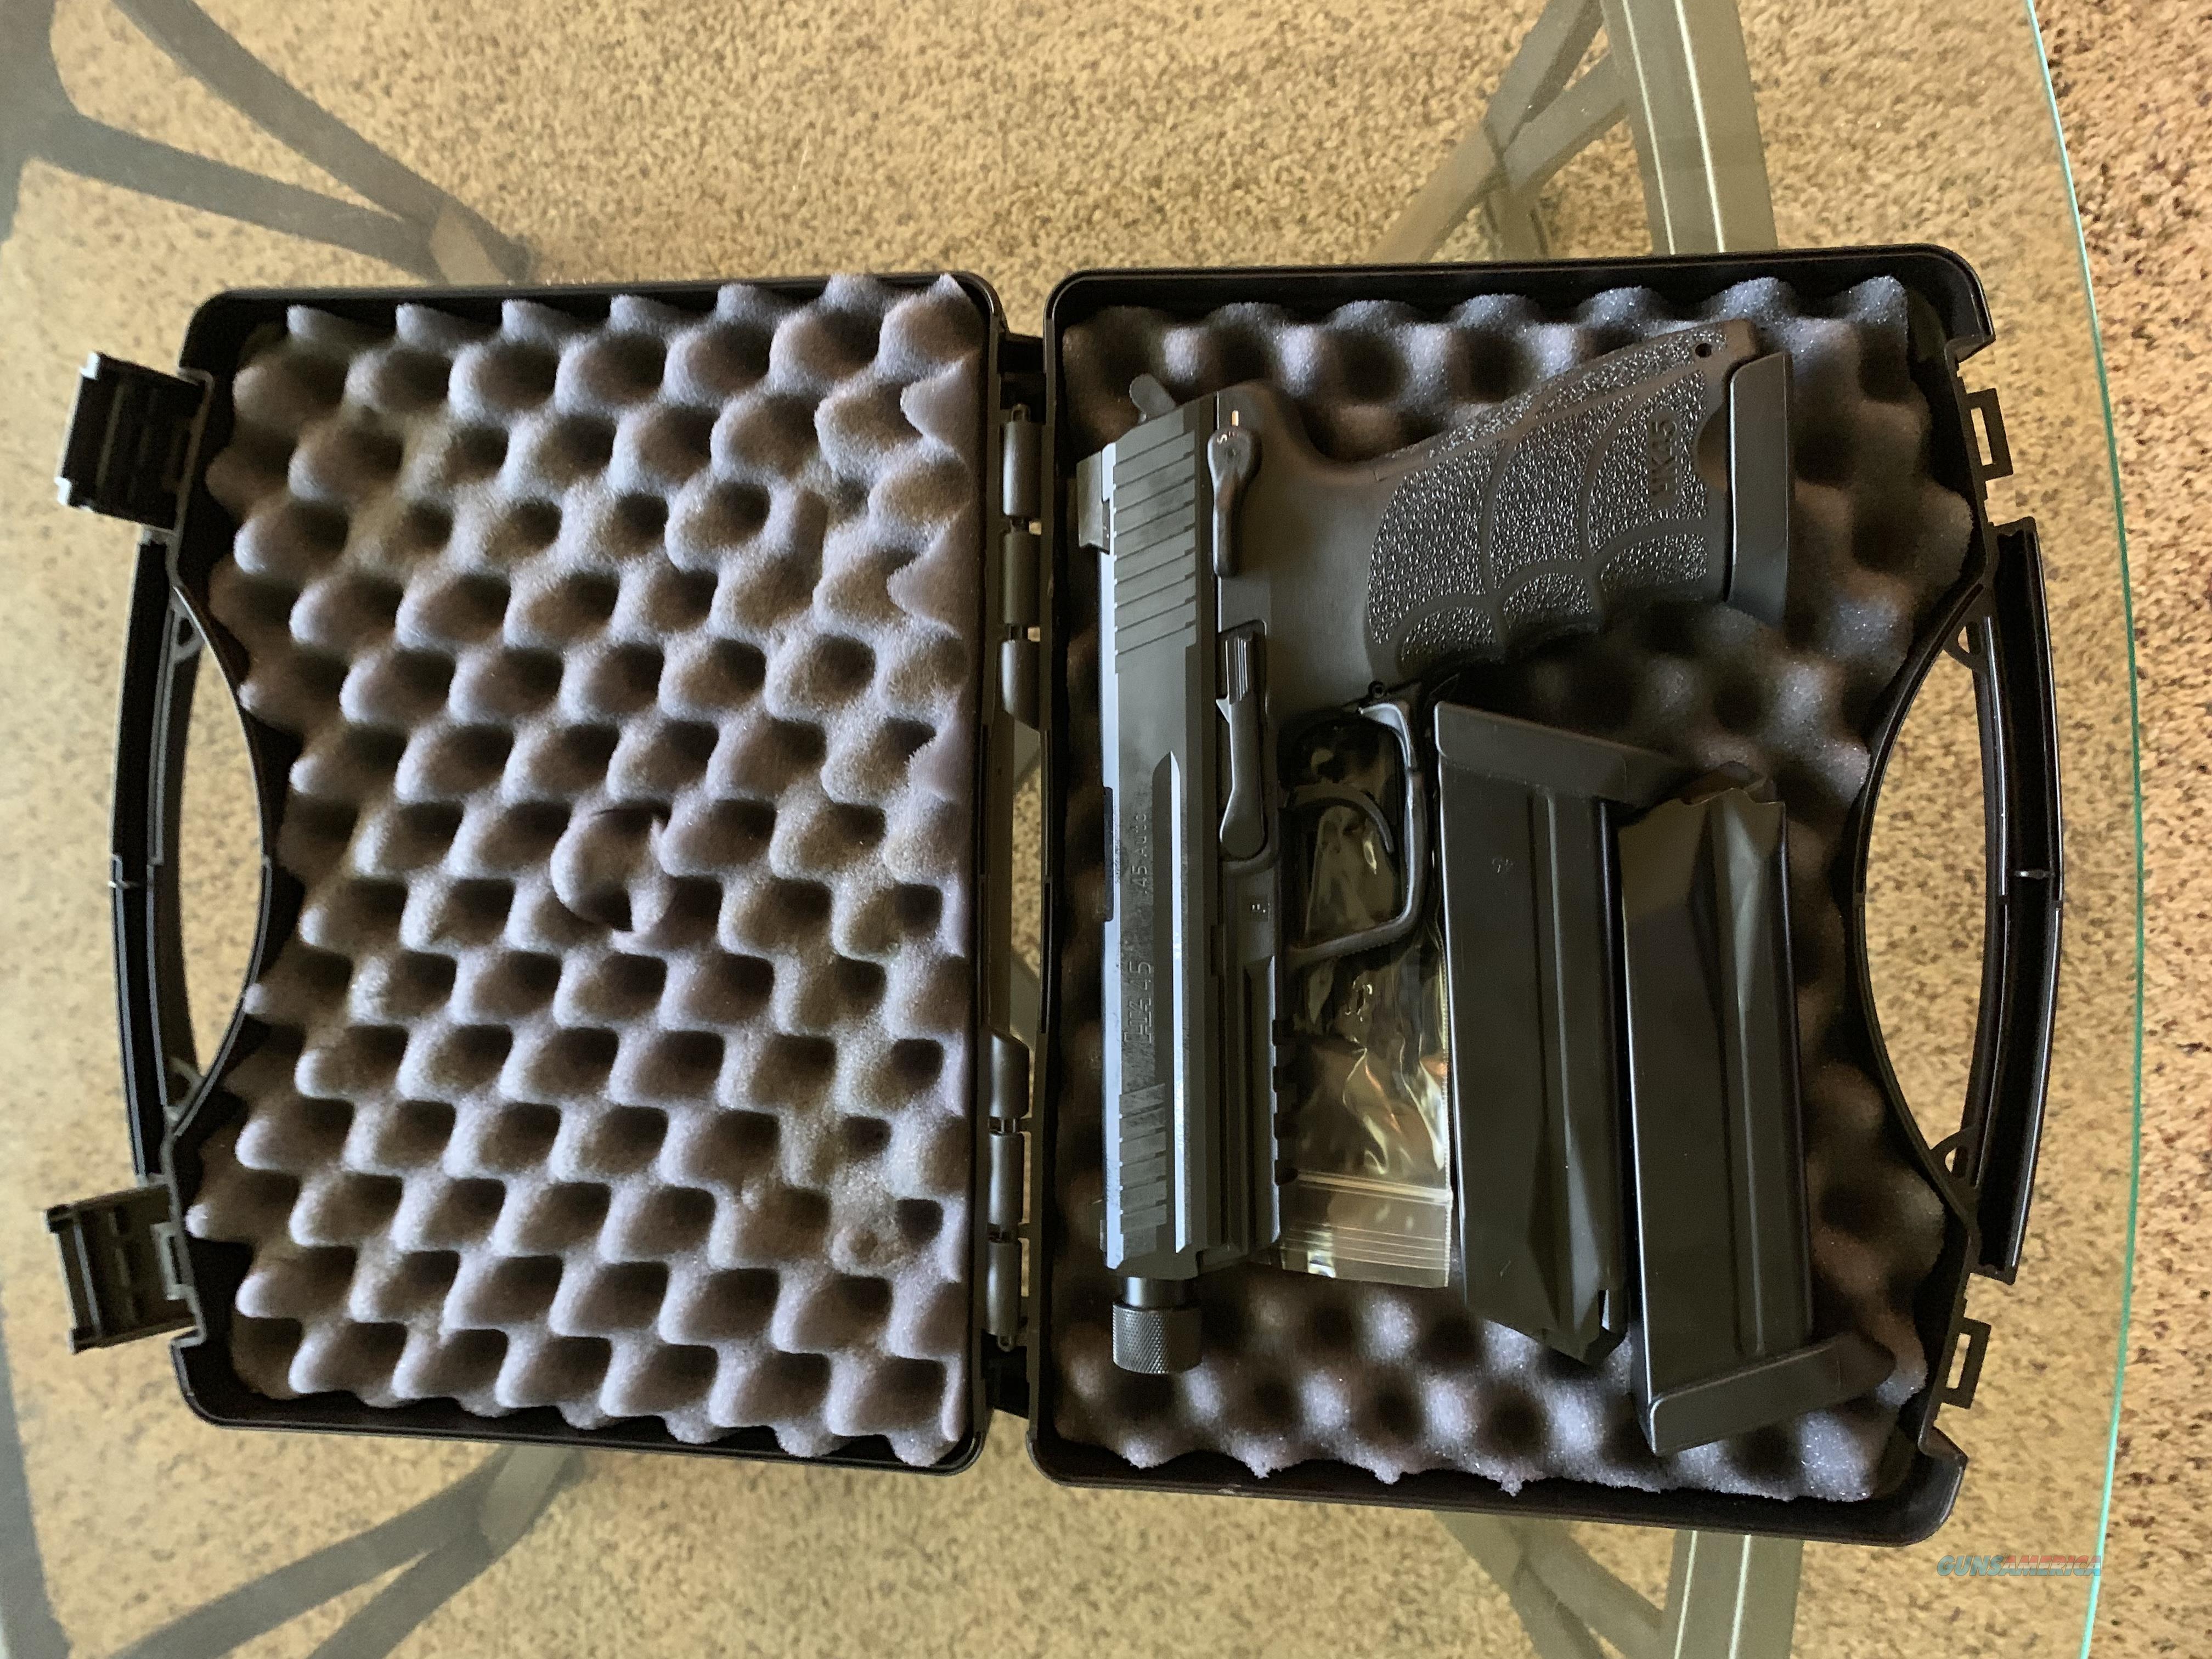 Heckler & Koch HK45 Tactical 3 rd mags NS  Guns > Pistols > Heckler & Koch Pistols > Polymer Frame